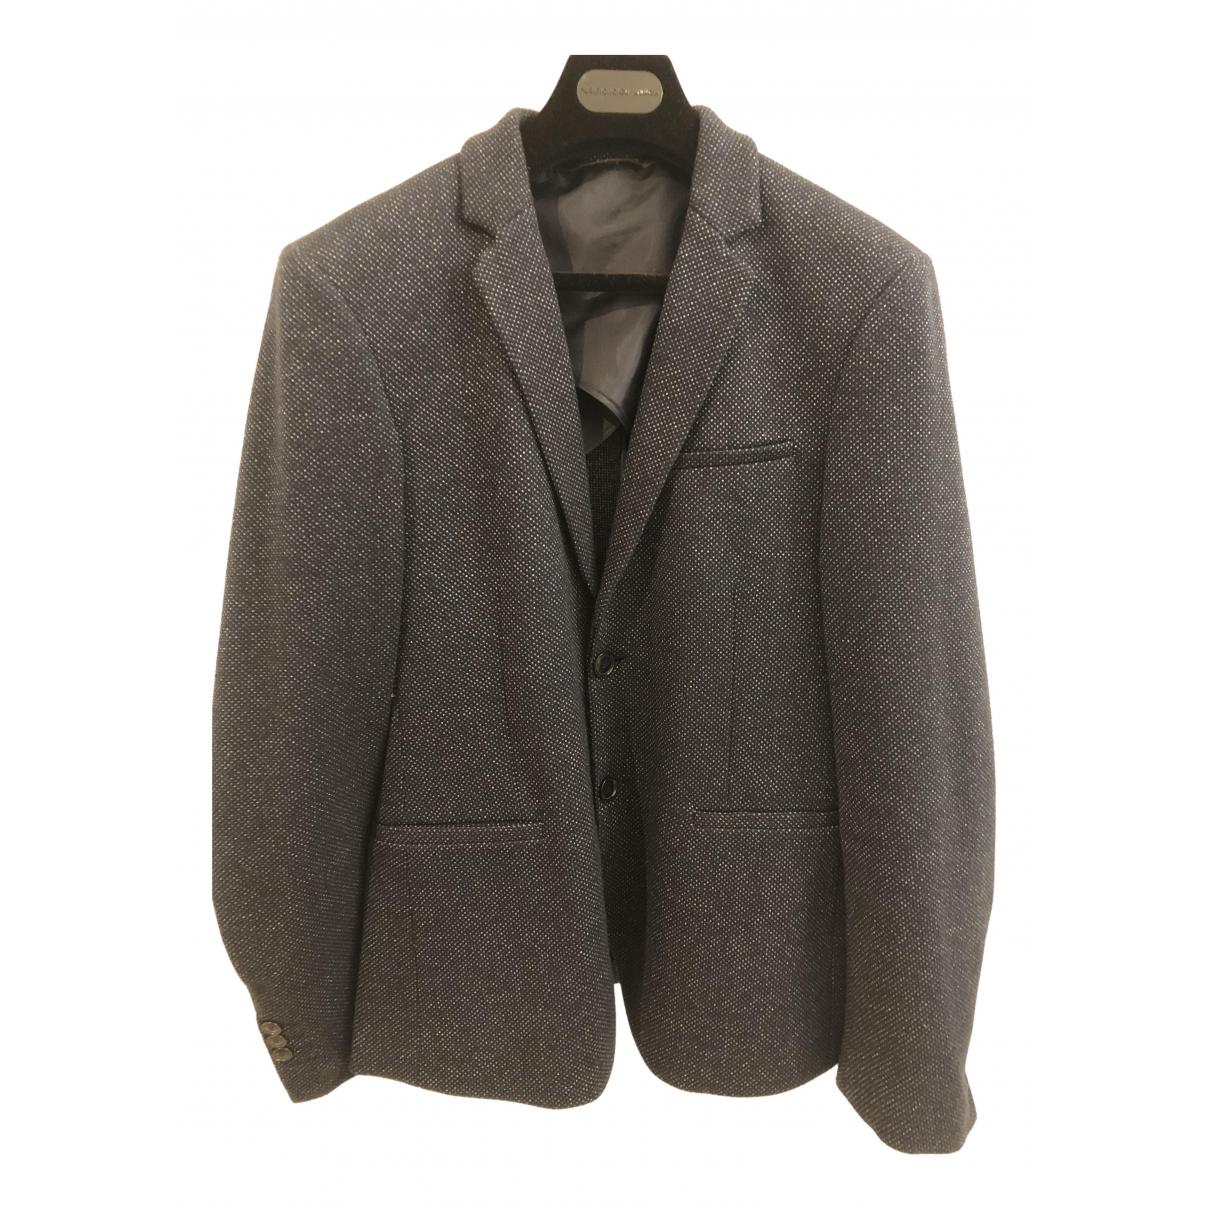 Zara - Vestes.Blousons   pour homme en laine - marine